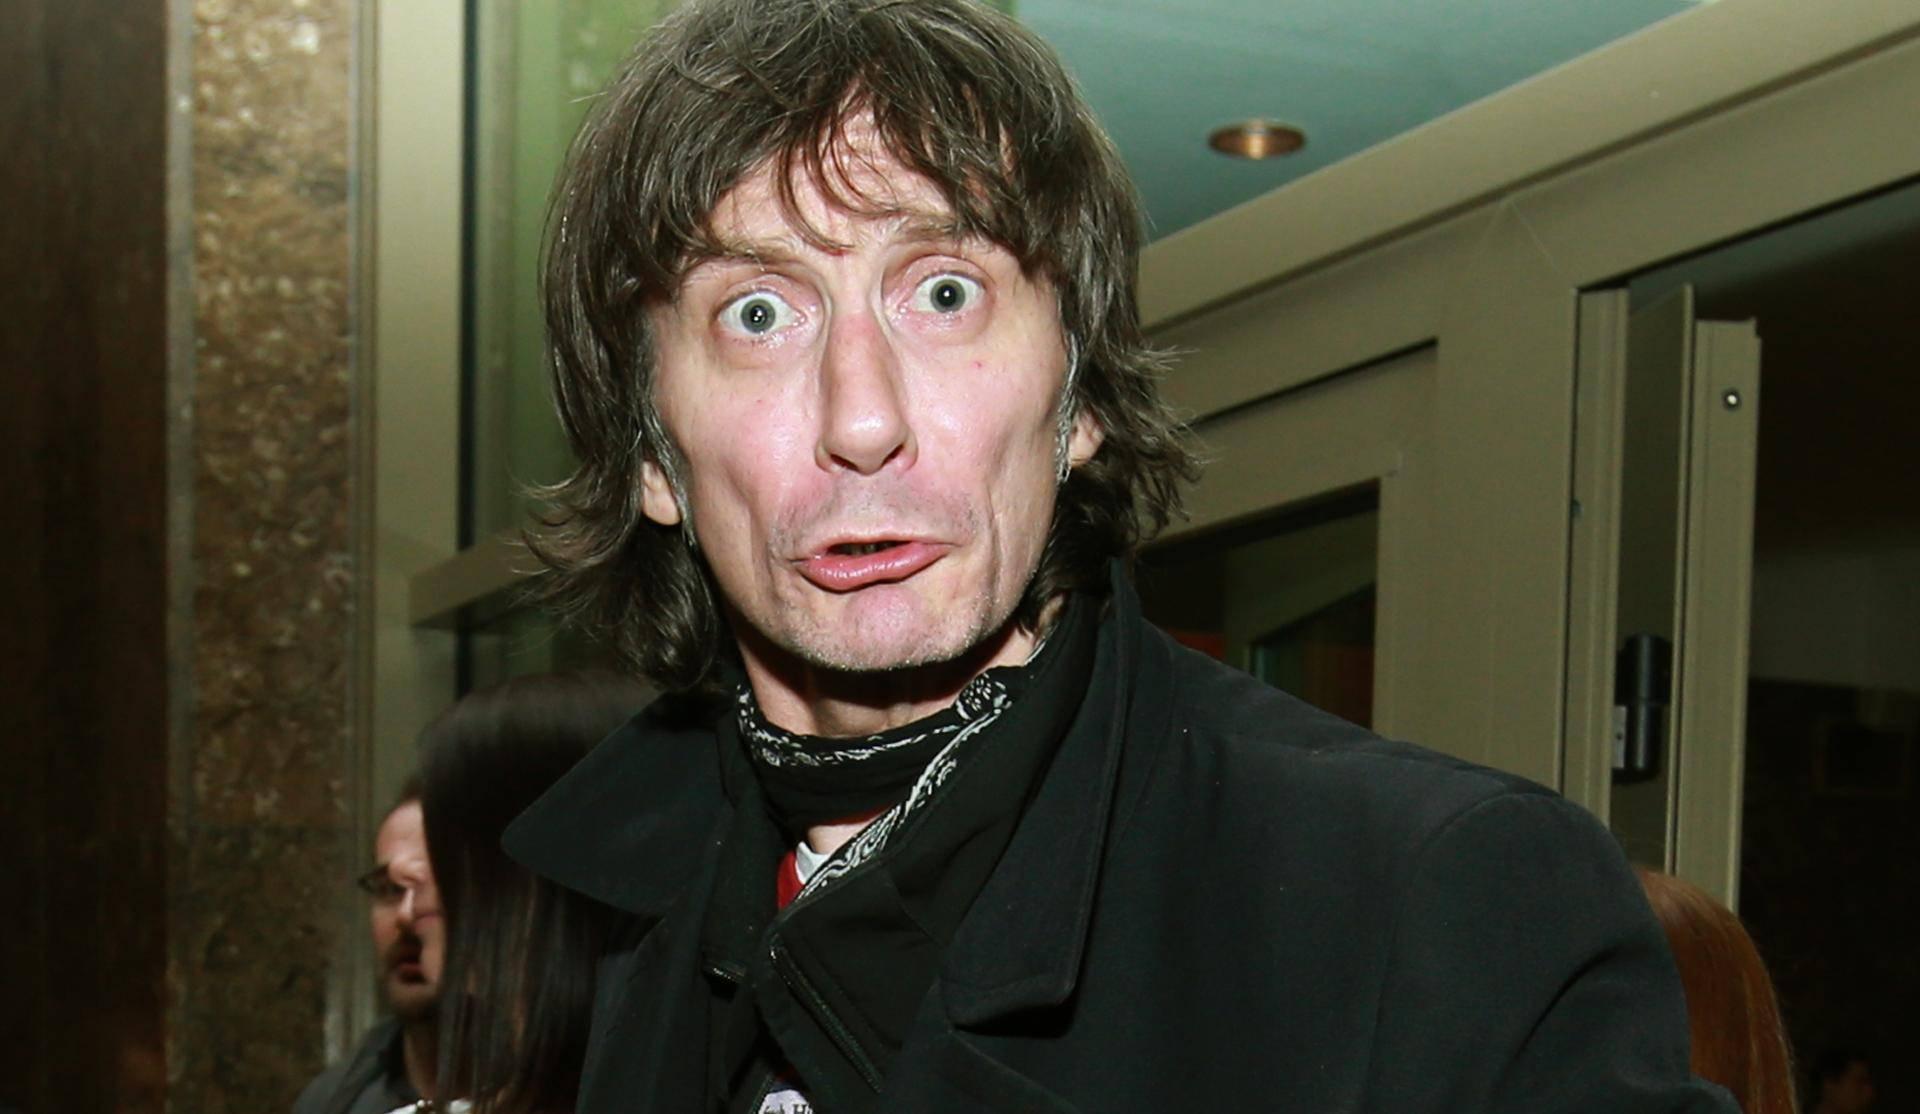 Gobac priprema spektakl: 'Ja sam Mick Jagger iz Zaprešića'